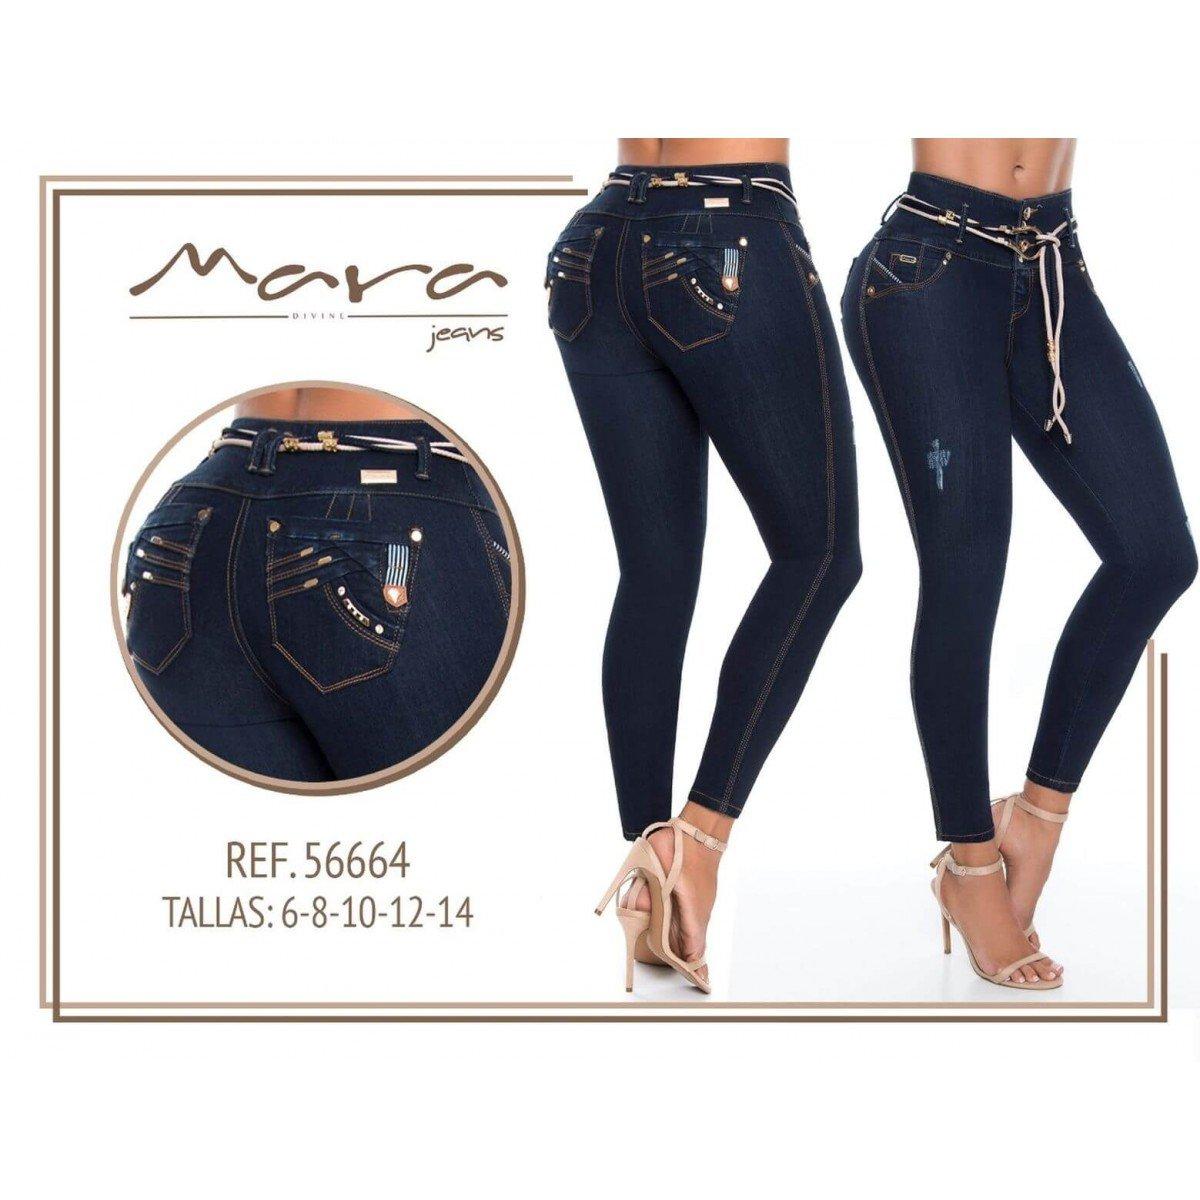 Pantalon Colombiano Mara 56664